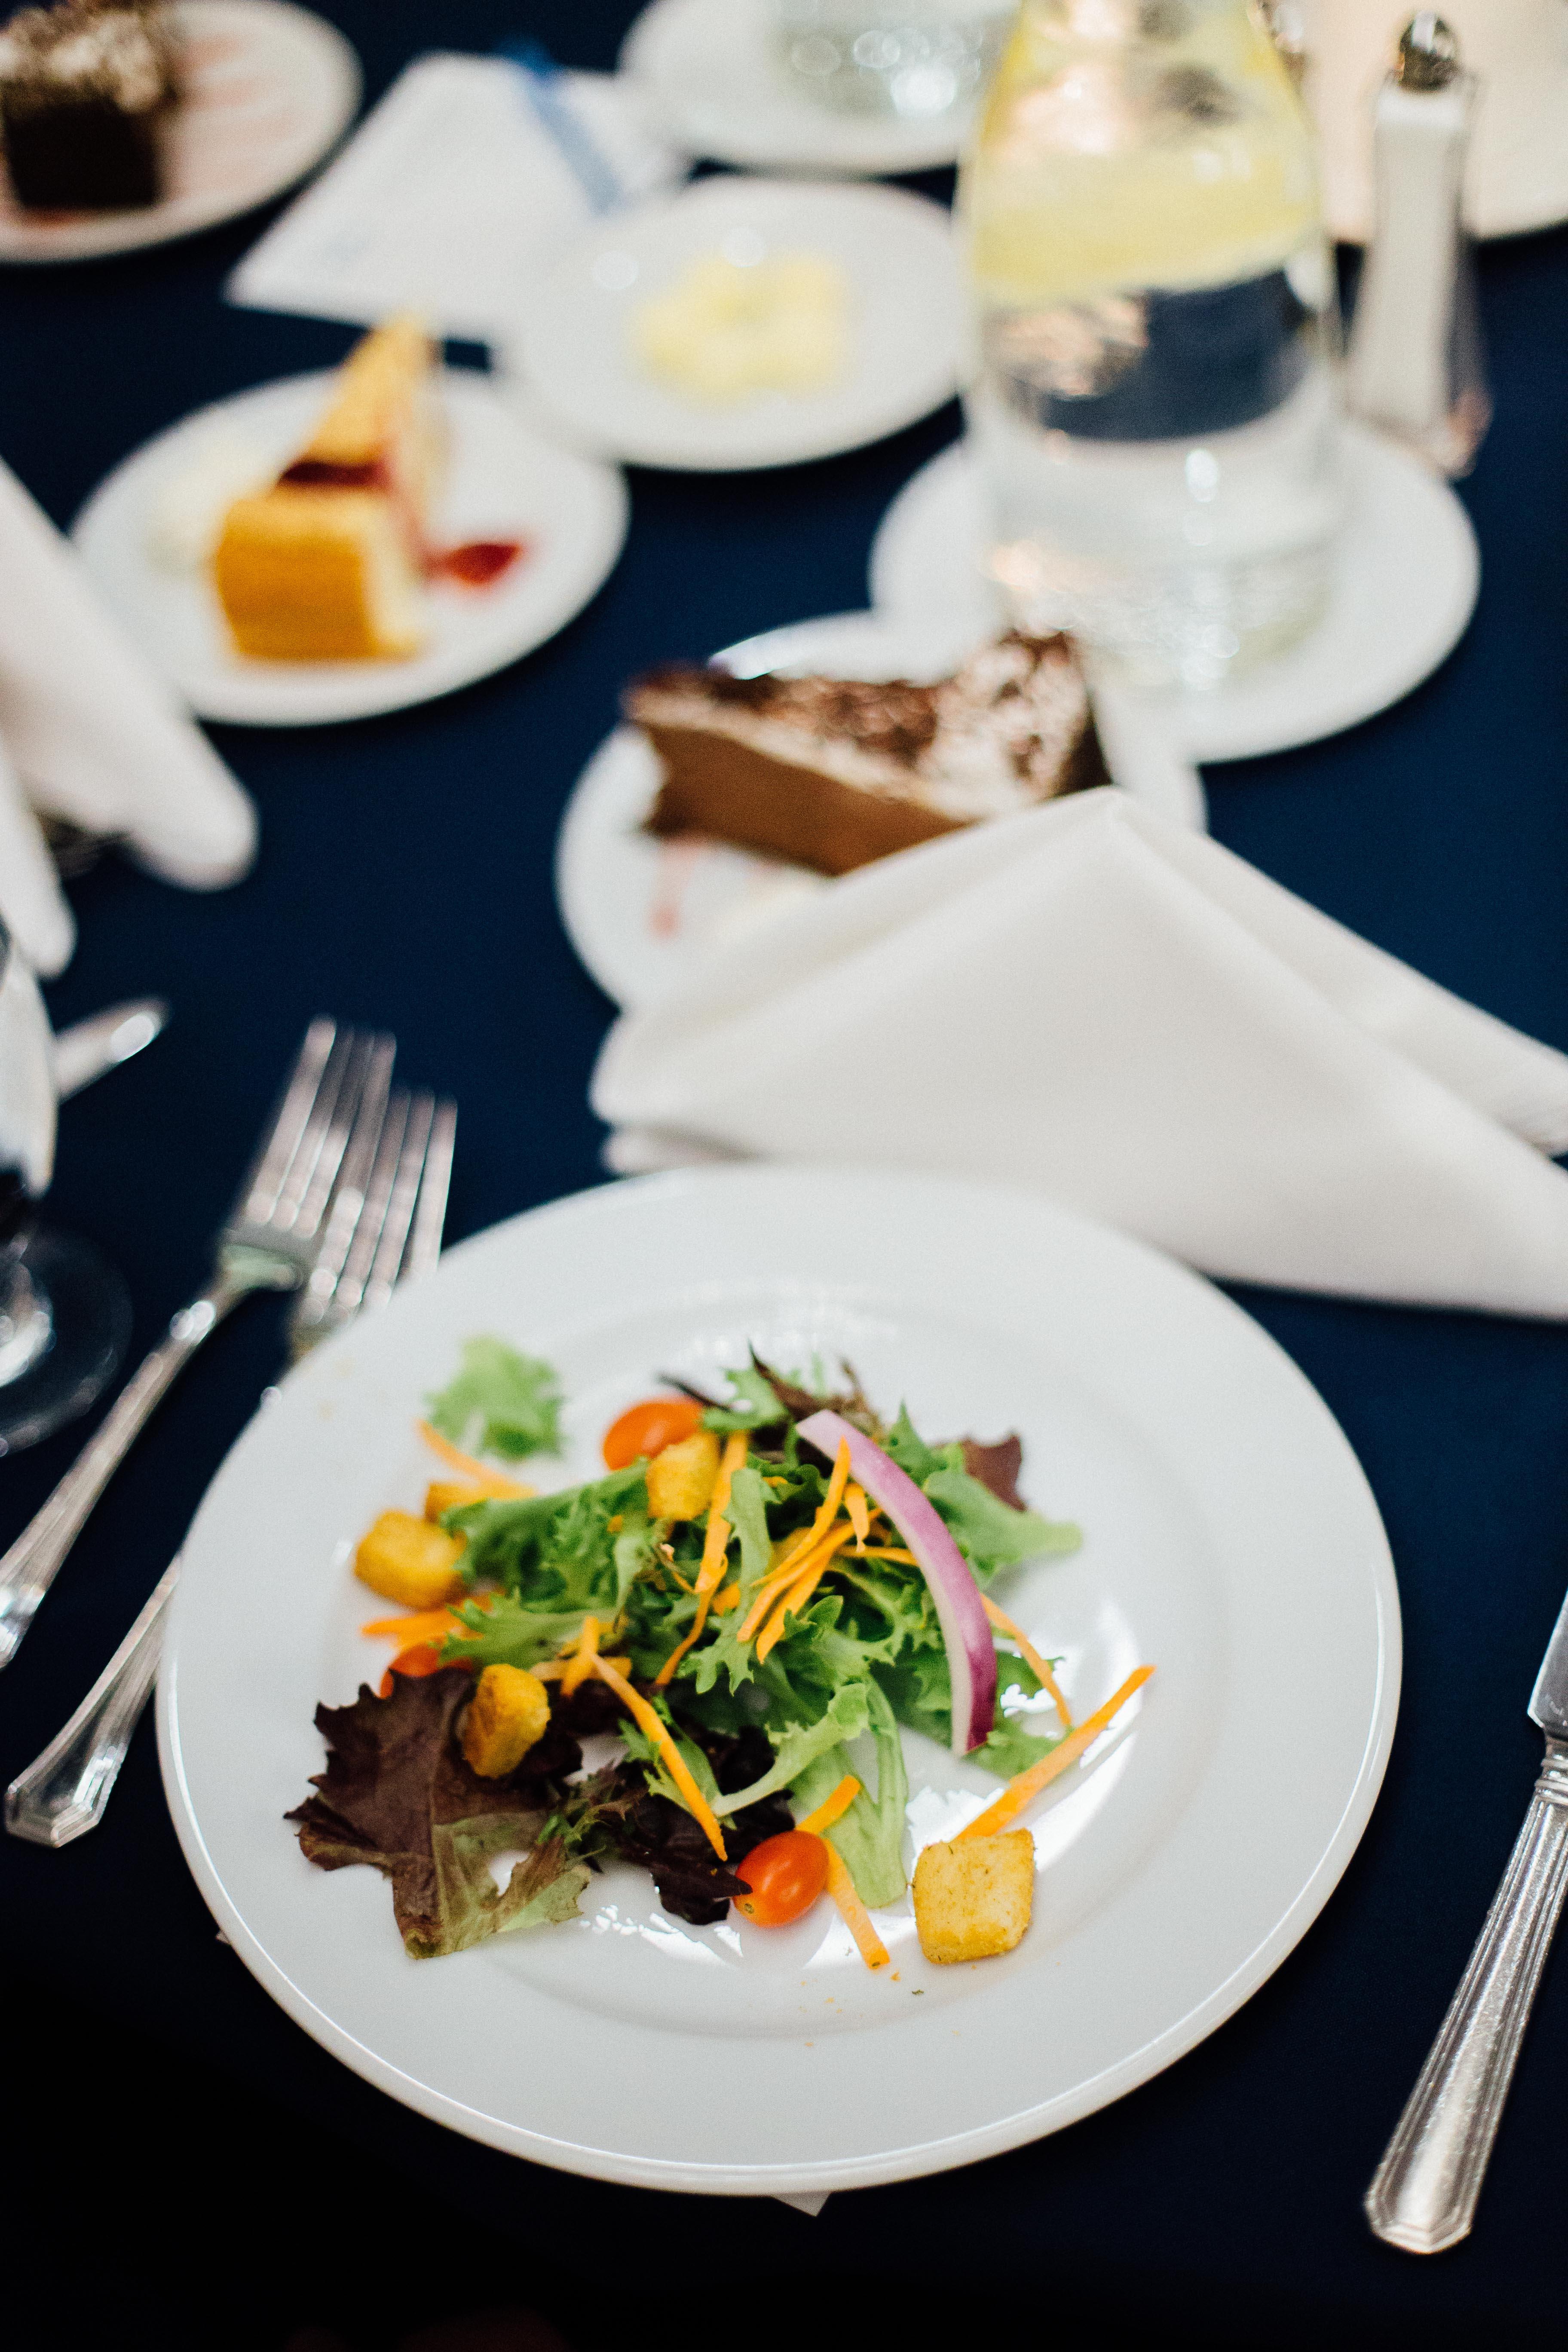 можно ли фотографировать блюда в ресторане